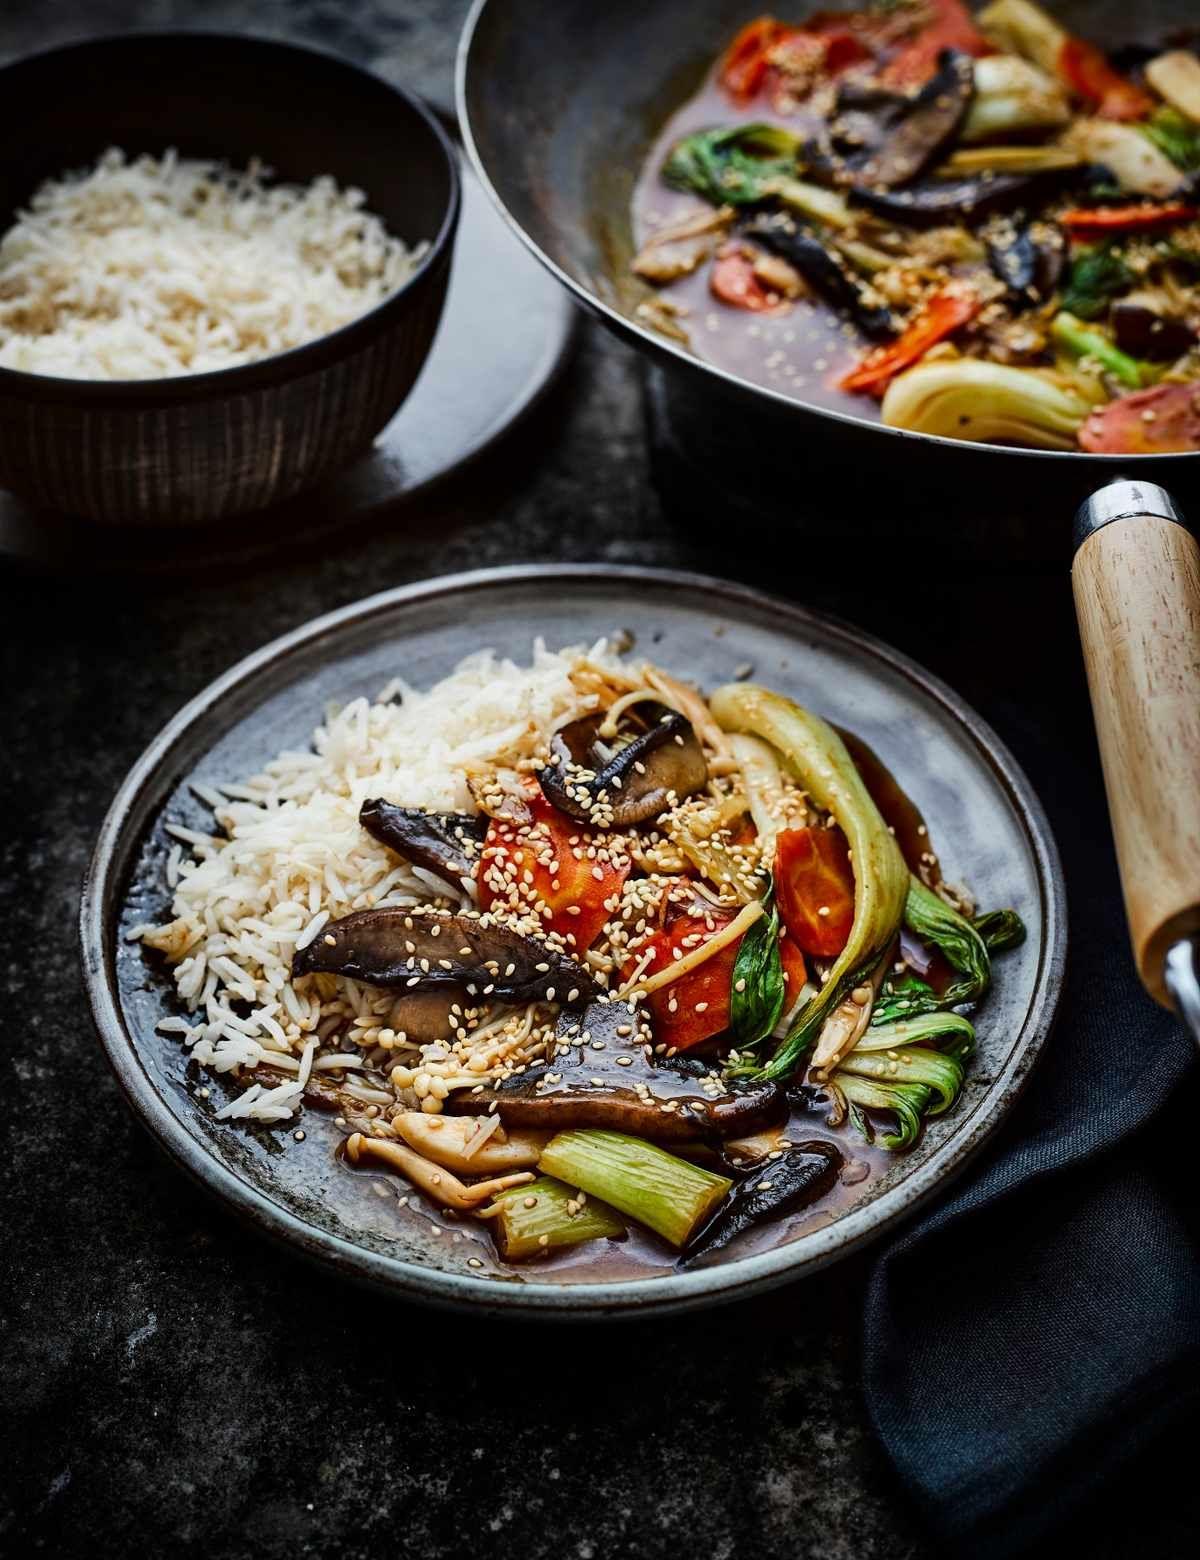 Hot And Sour Mushroom Stir Fry